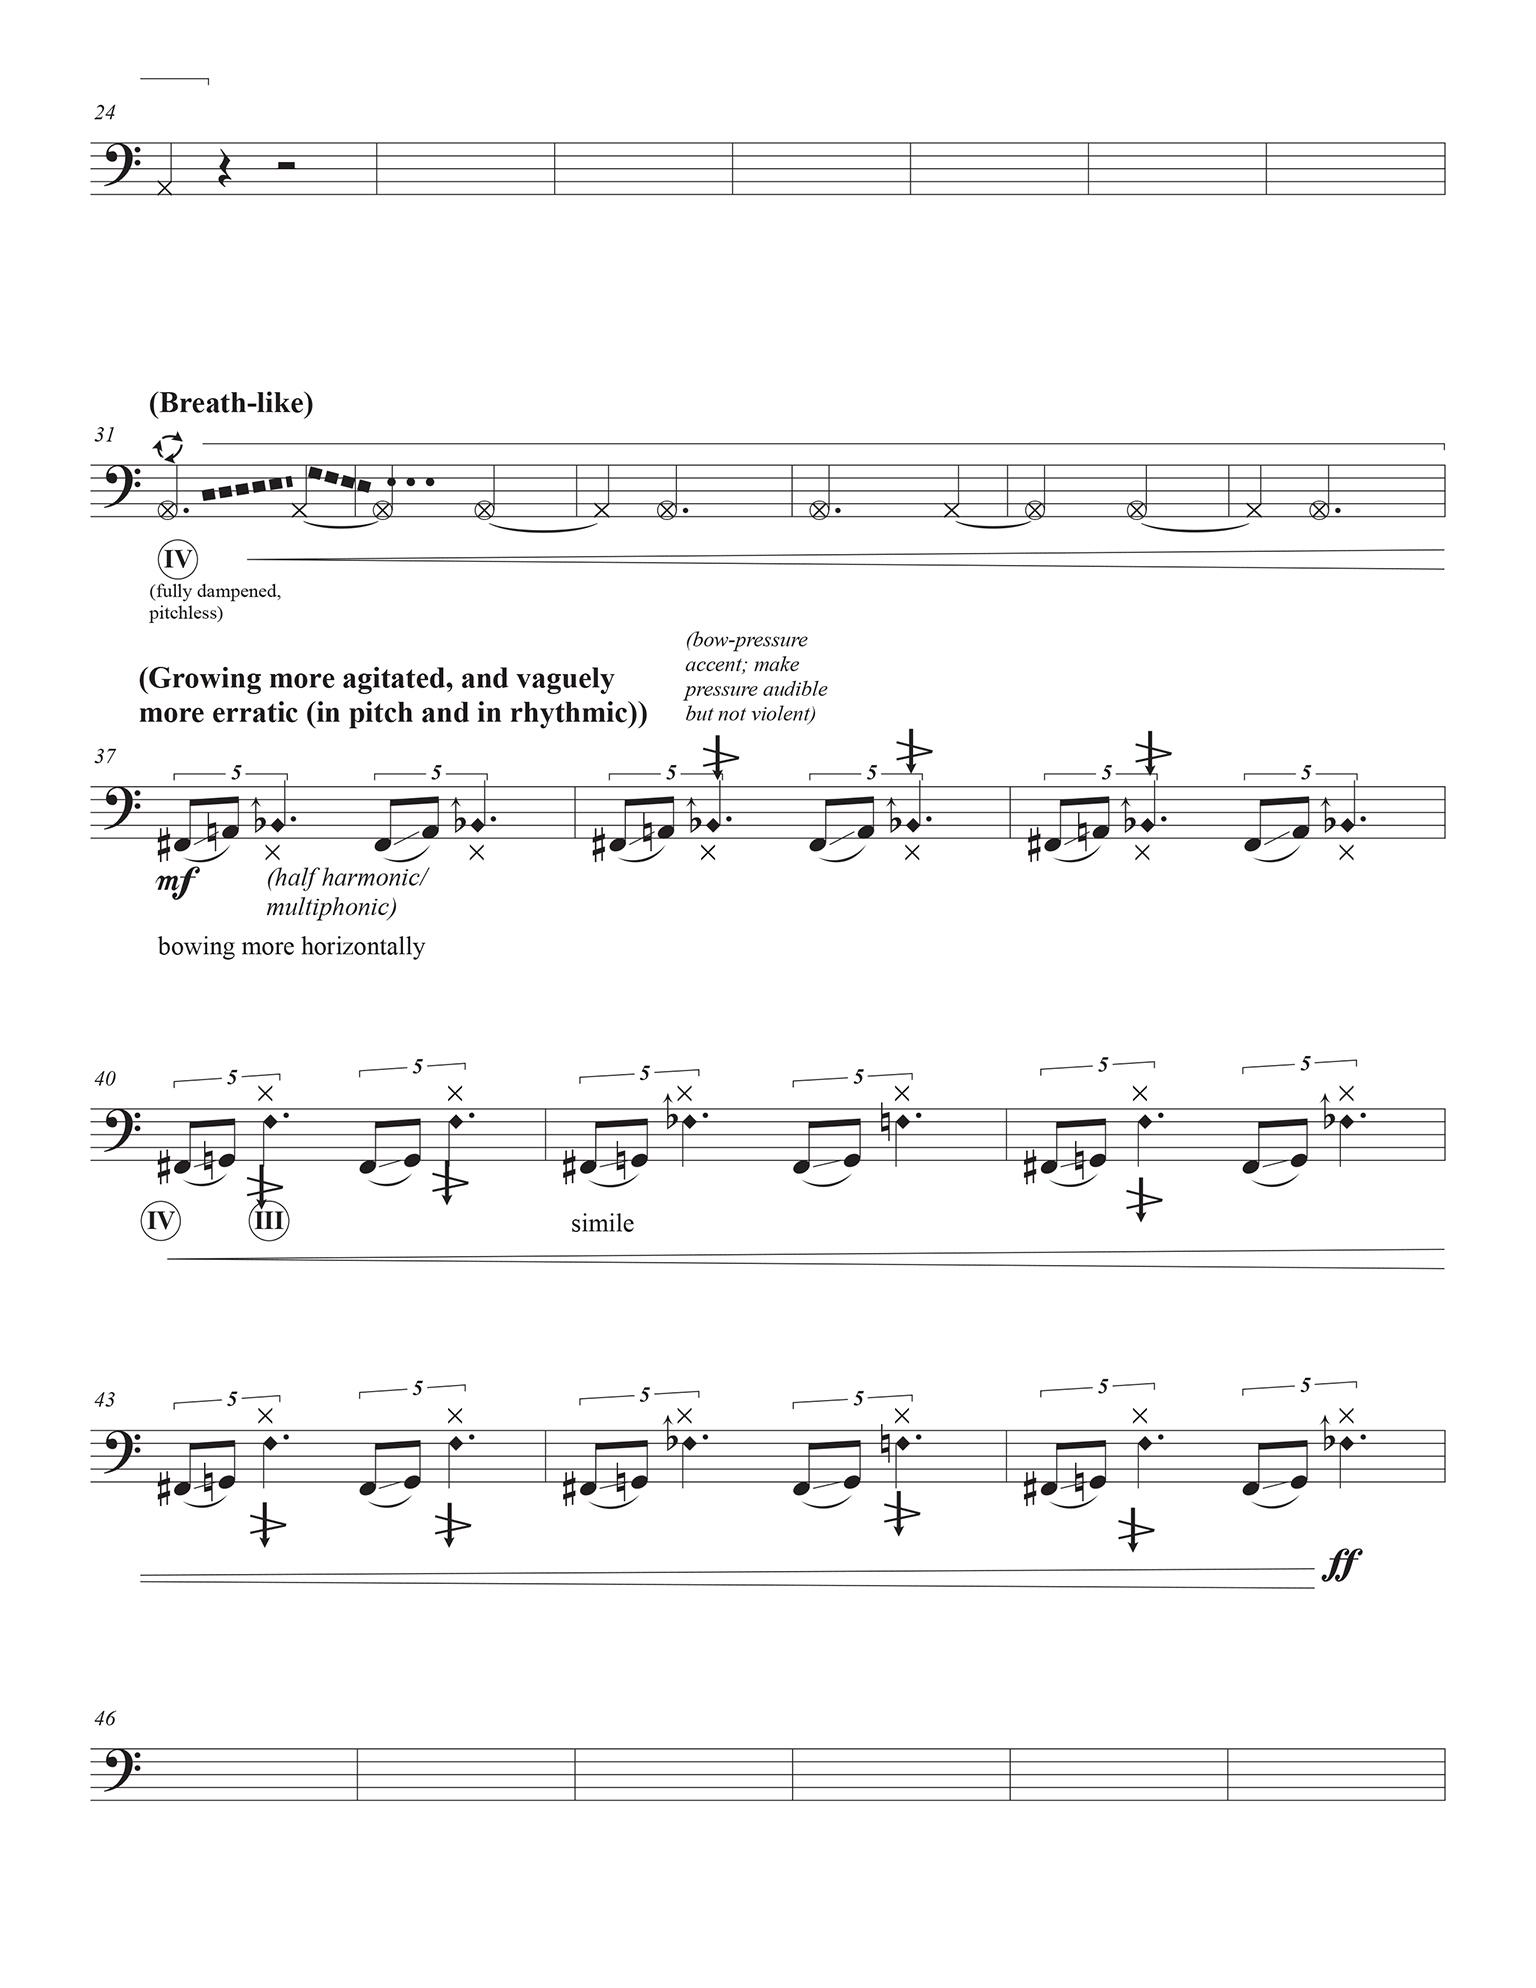 Akhavan_Bray-for-Cello_2017_print_detail_01.jpg#asset:19488